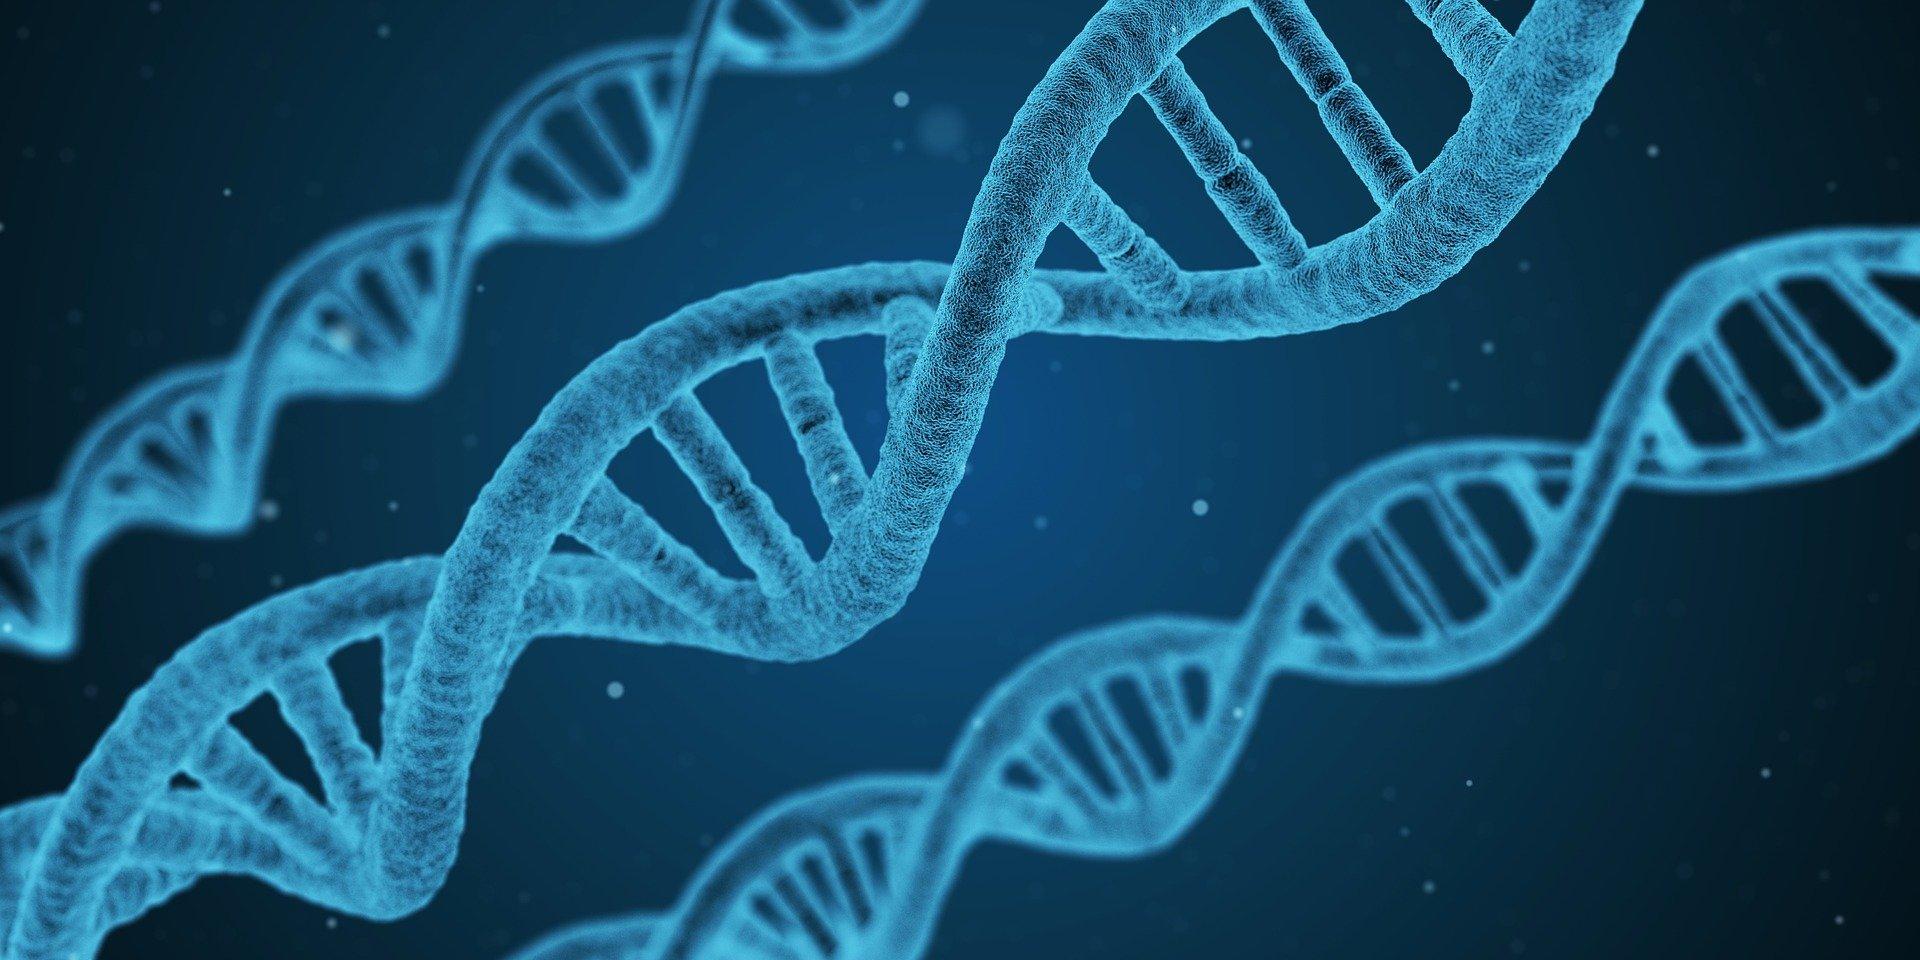 Descubren 13 factores genéticos de riesgo grave para el coronavirus